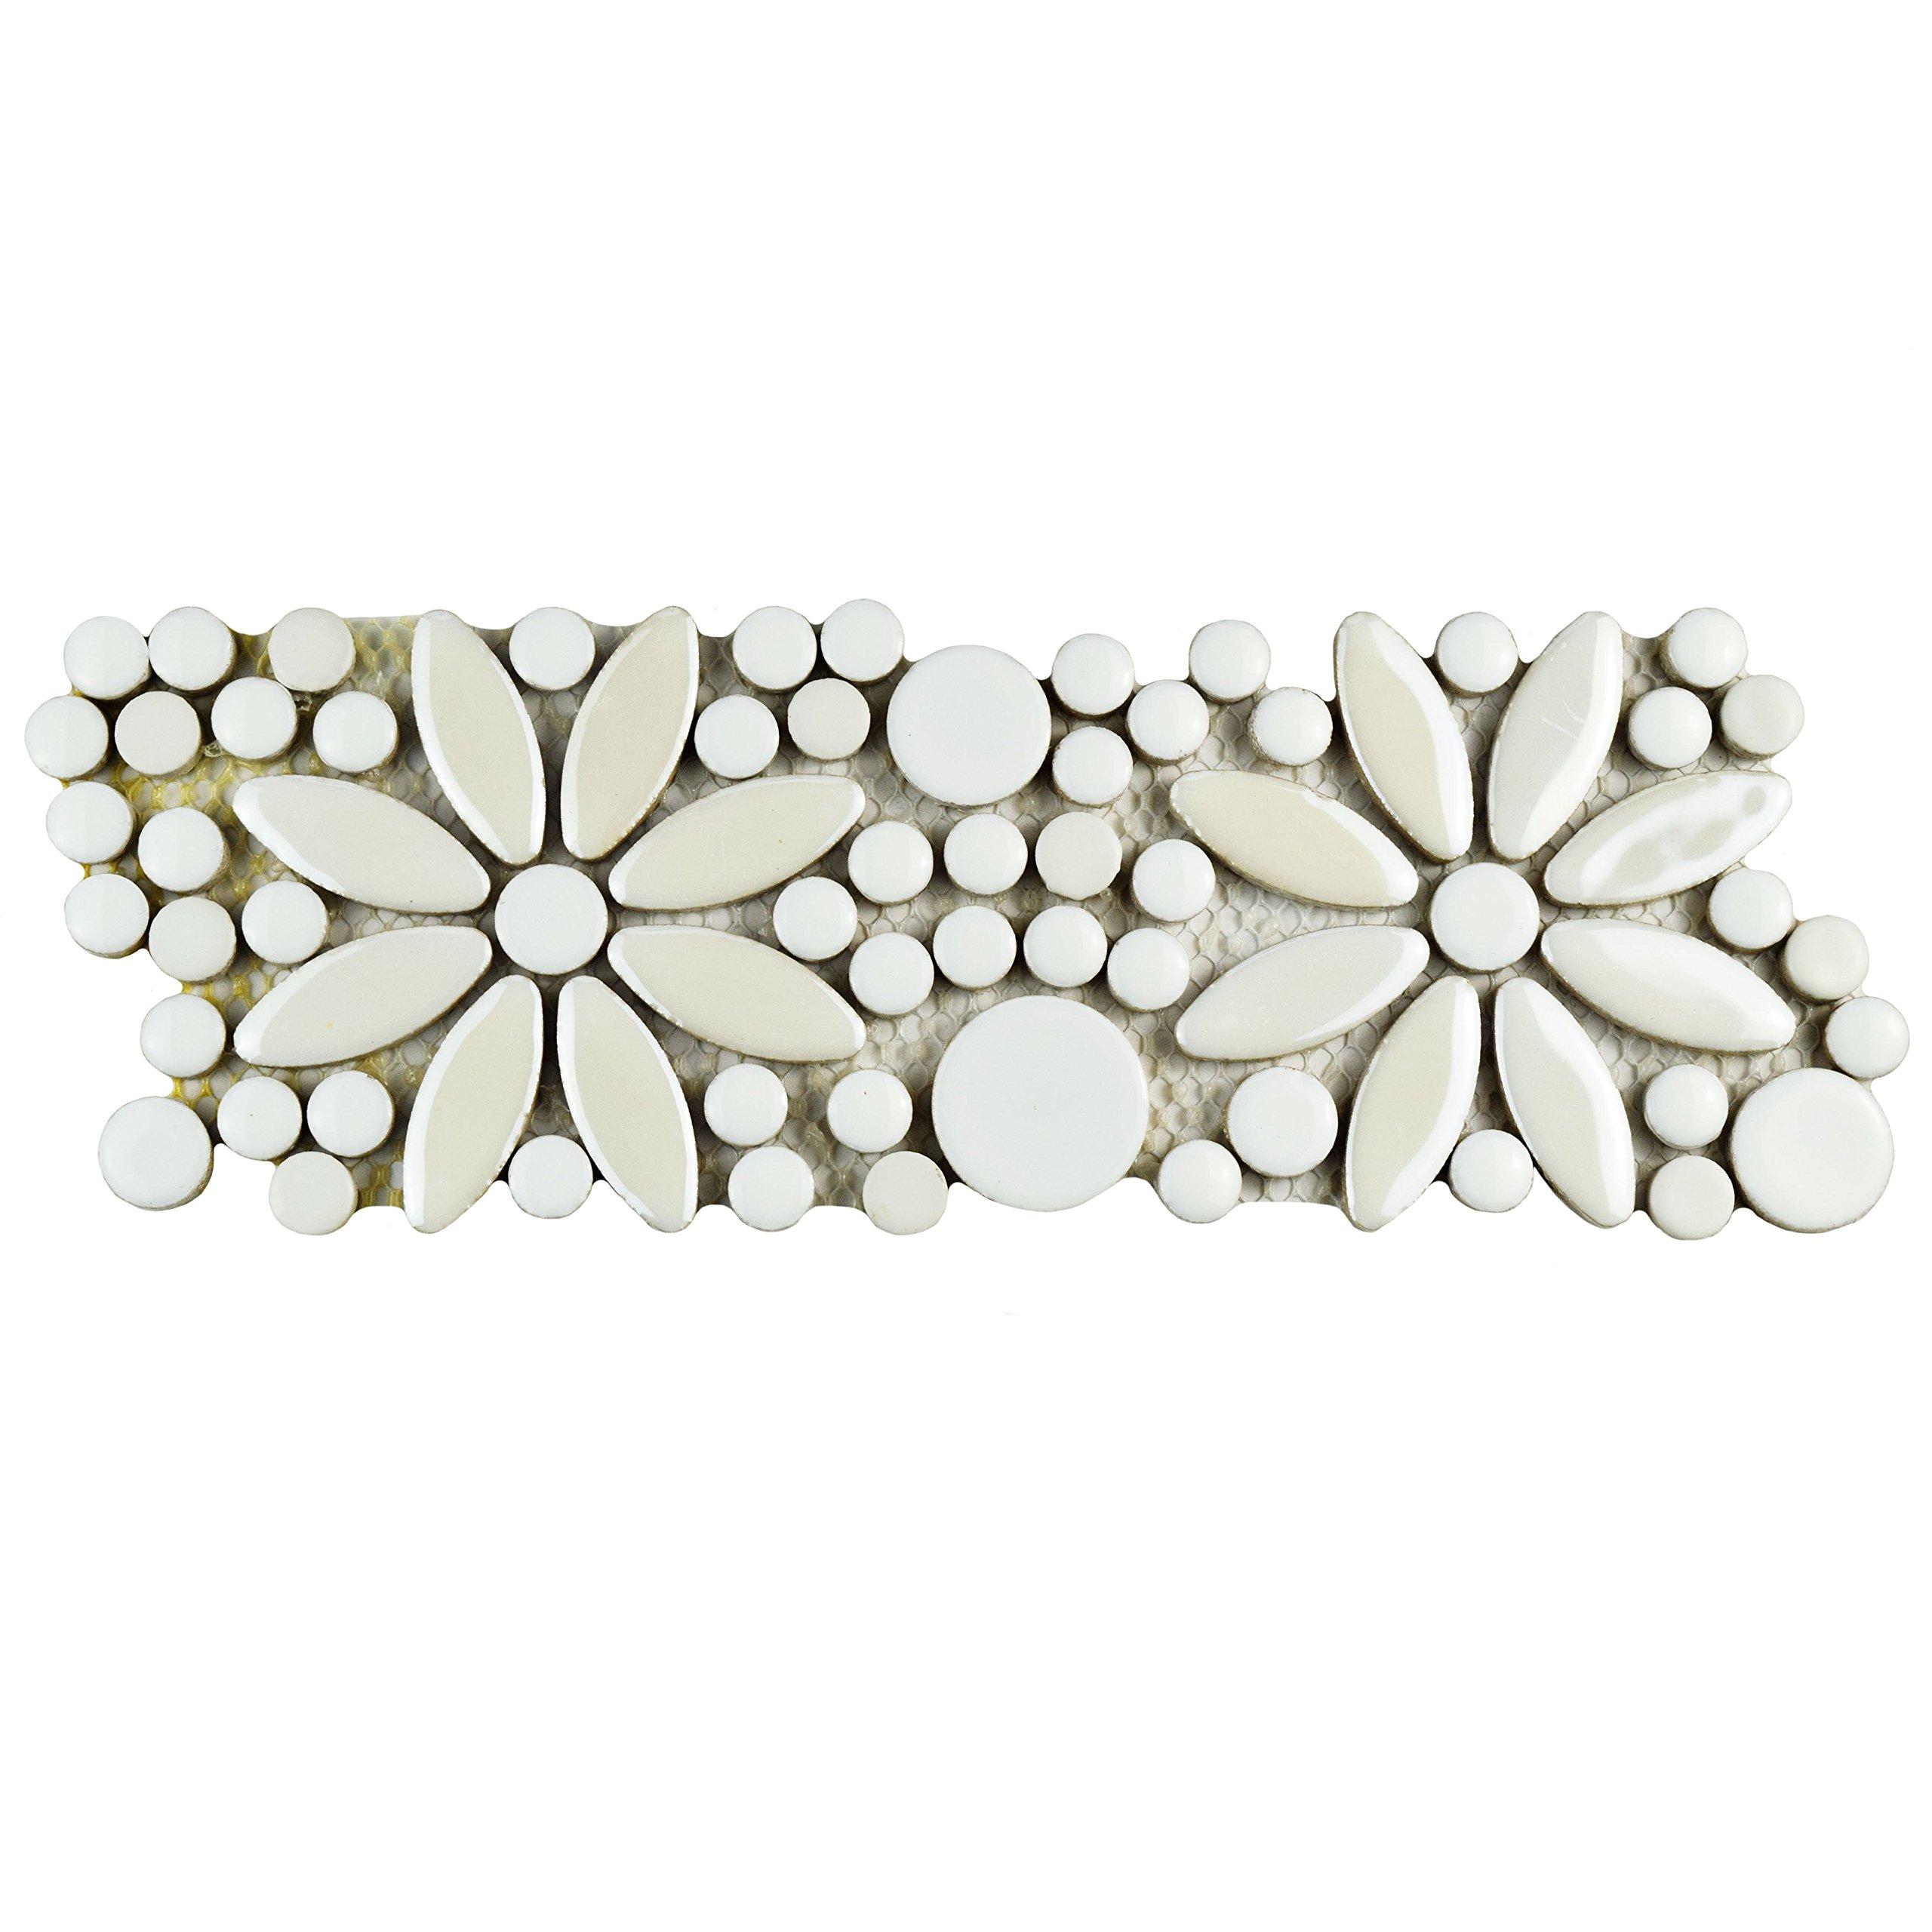 SomerTile FSHGFBWH Ursa Flower Porcelain Mosaic Border Floor and Wall Tile, 4.25'' x 12.75'', White